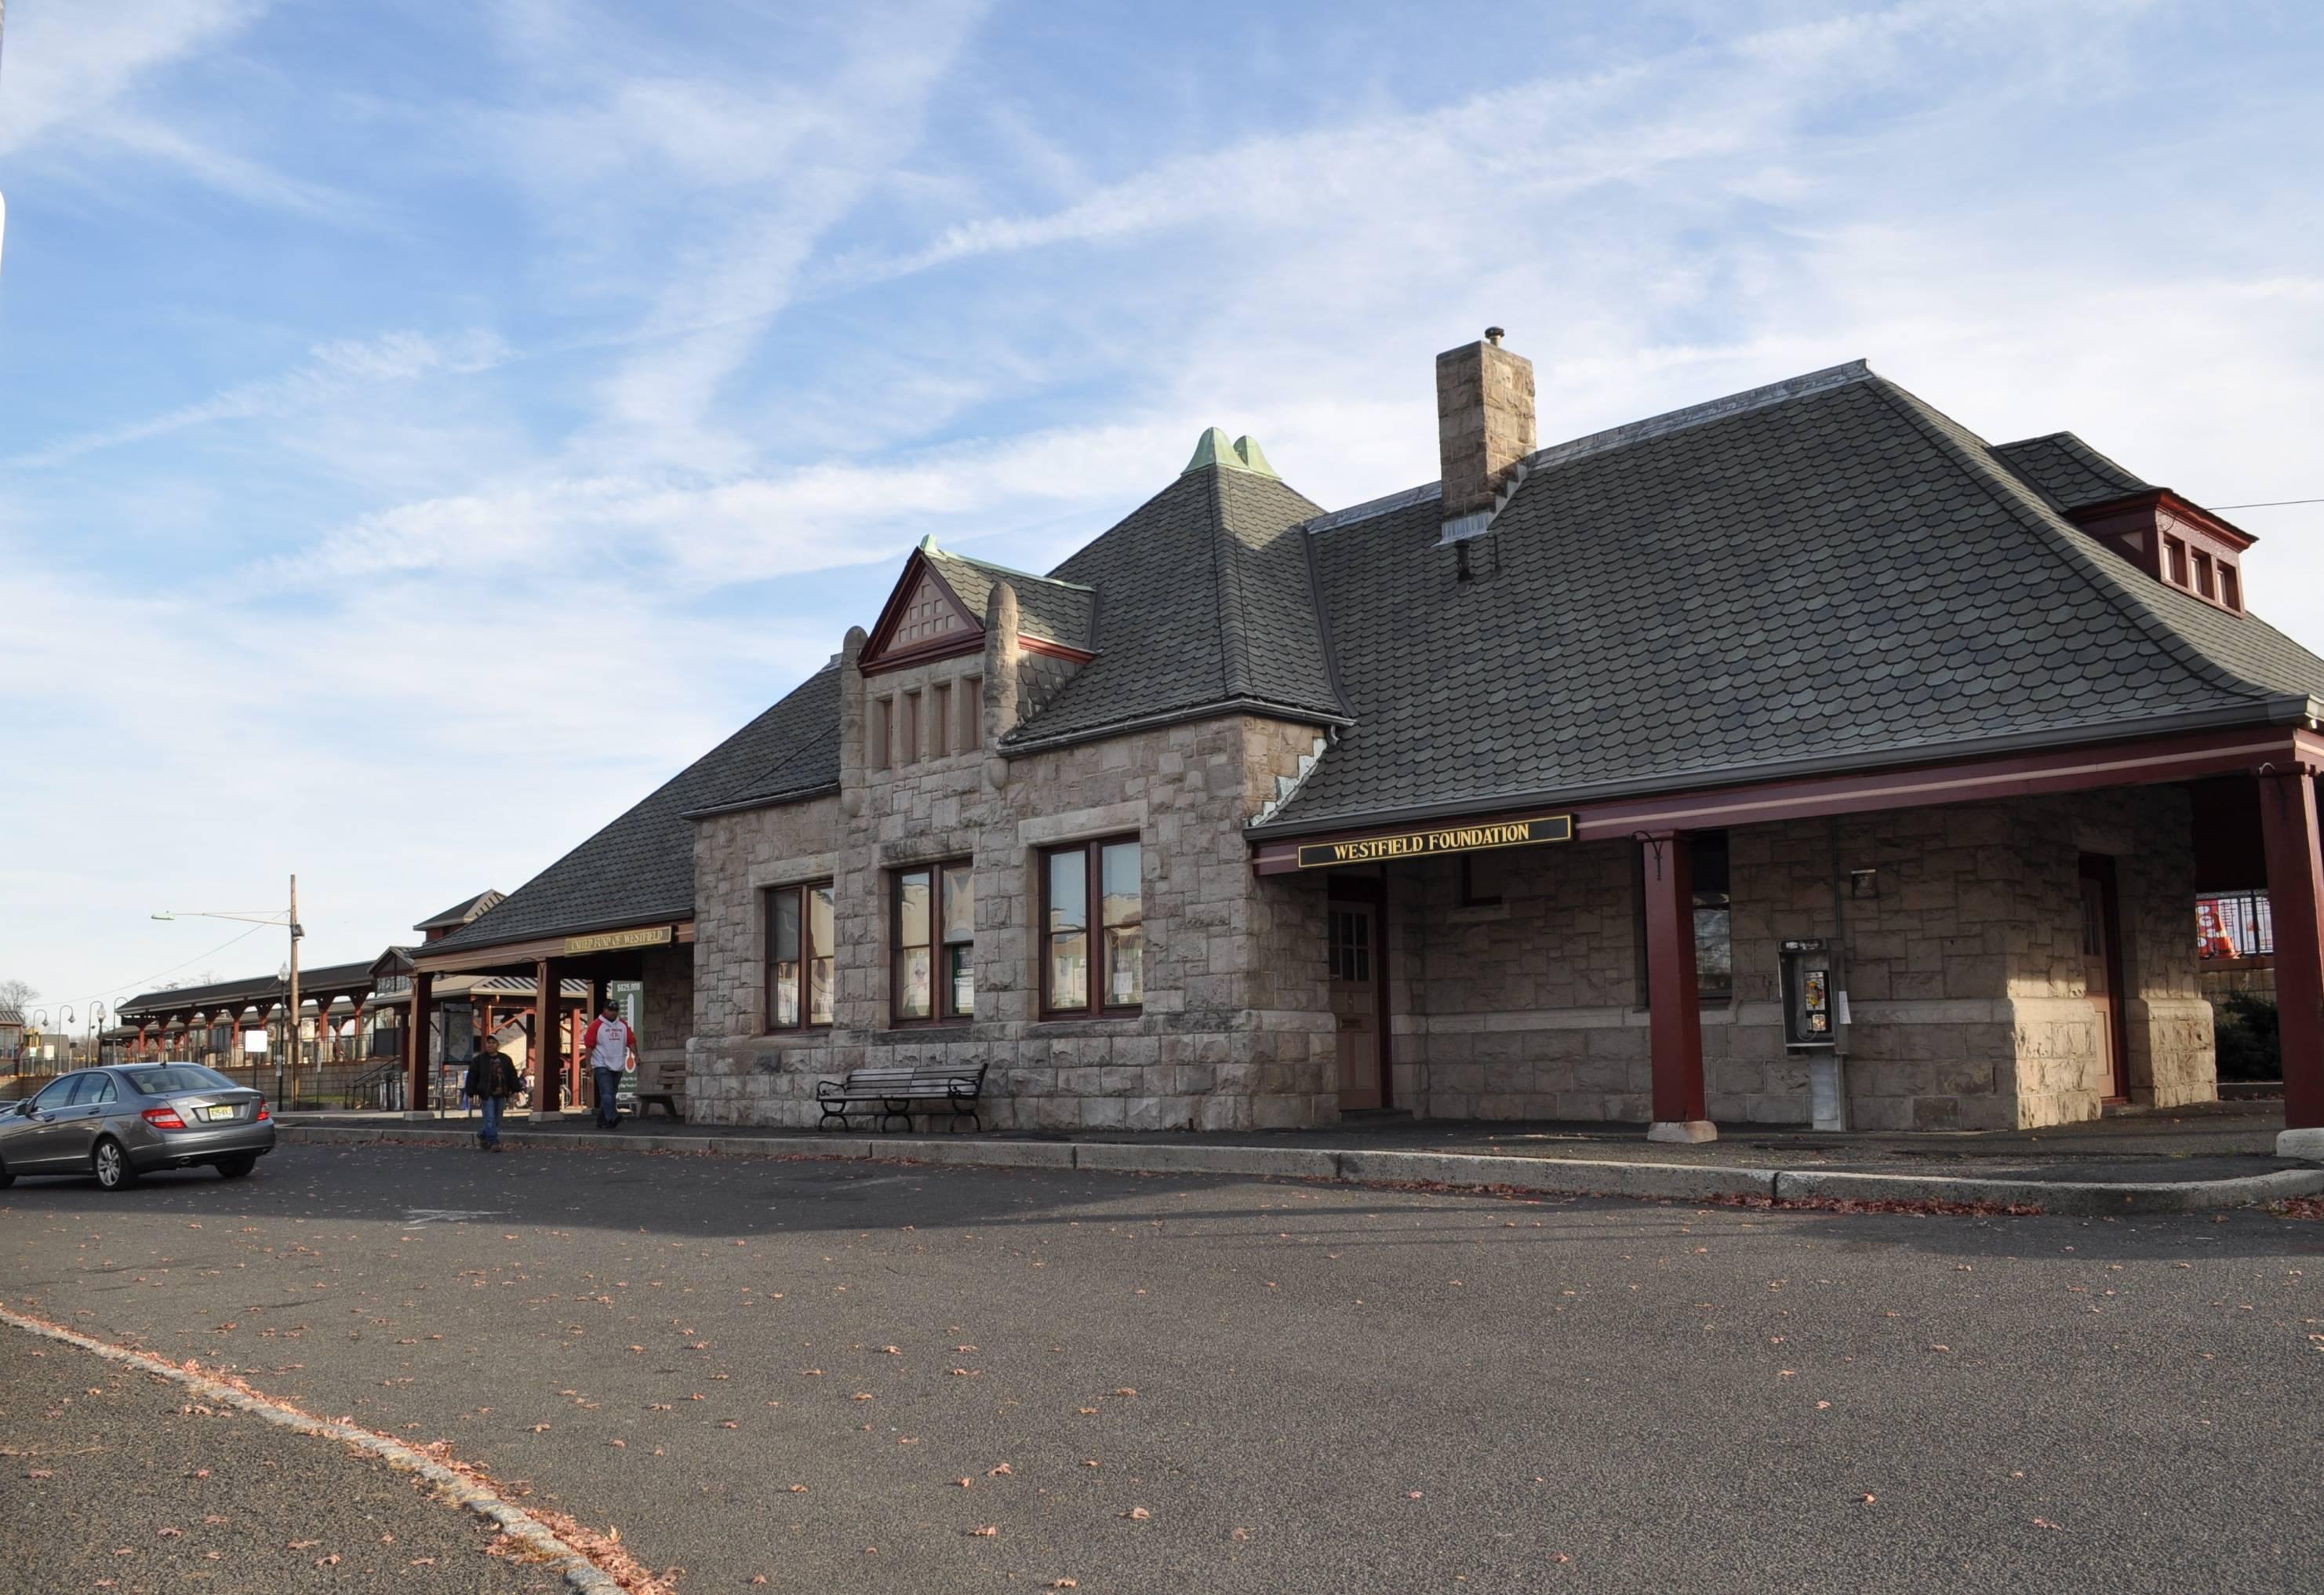 de6868b57e84dbd32534_train_station.JPG